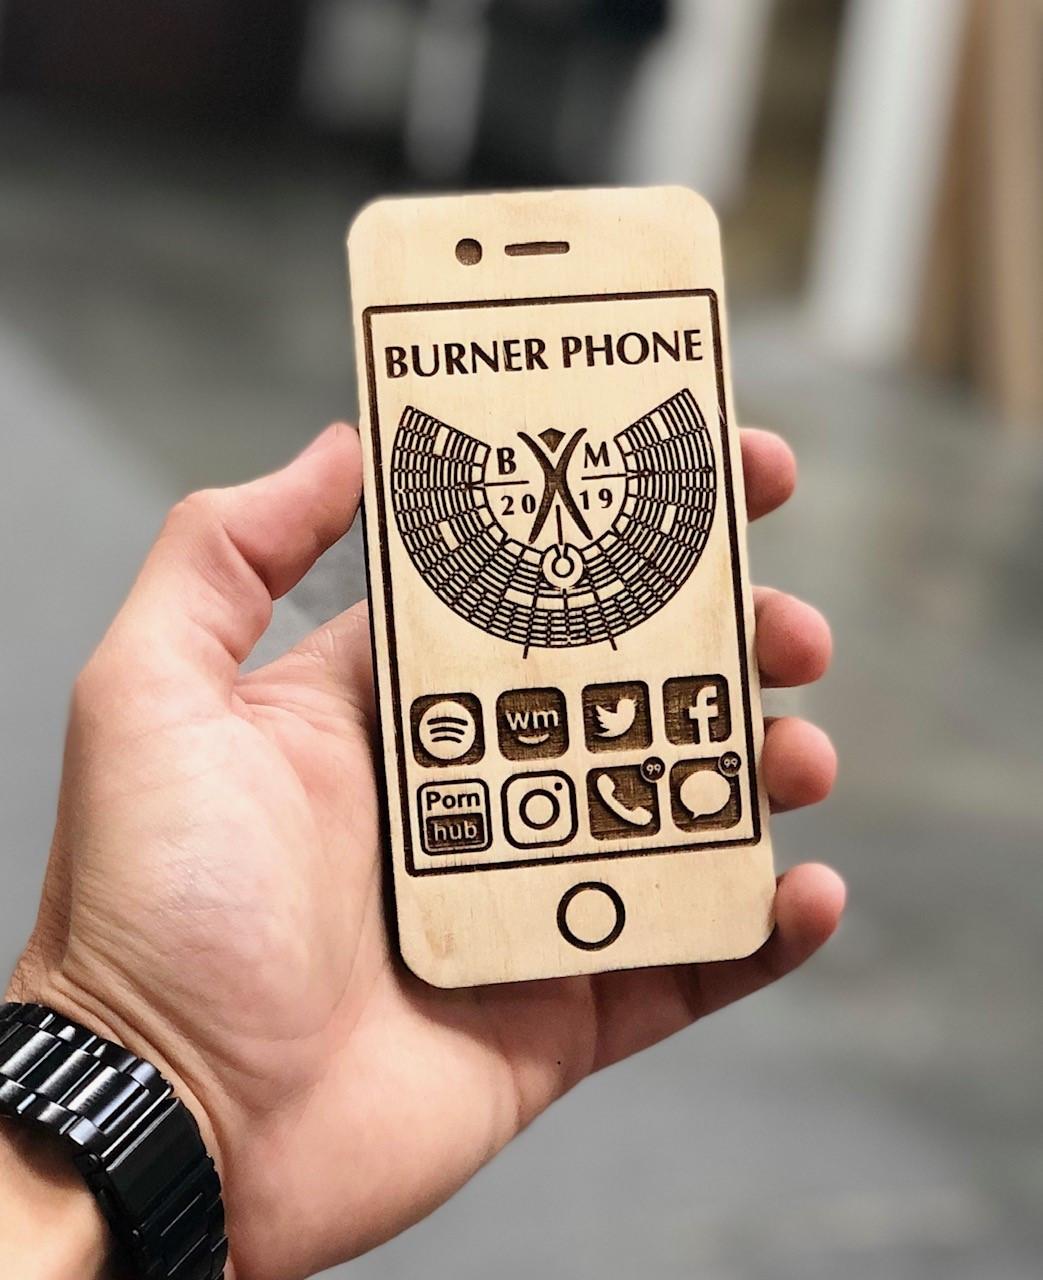 The Burner Phone